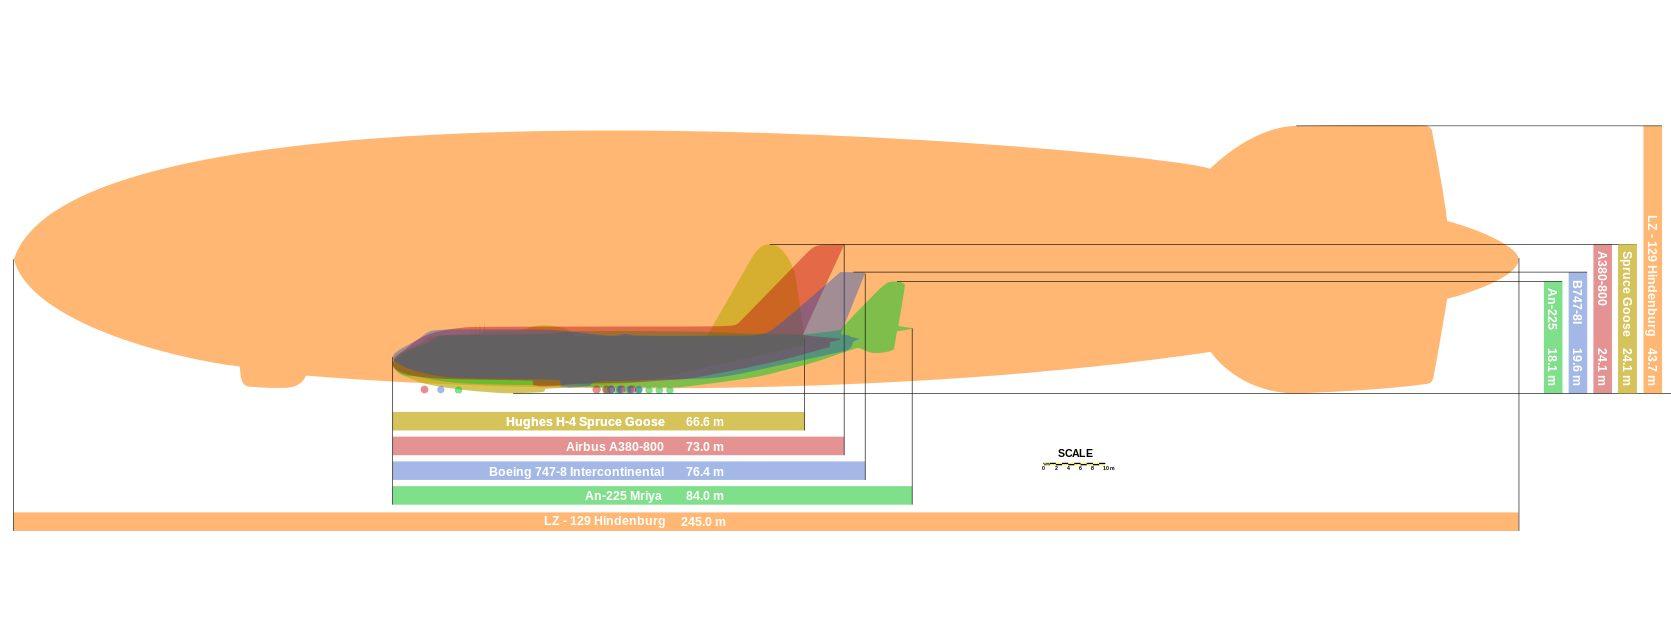 Srovnání velikosti největší vzducholodě a největšího letadla